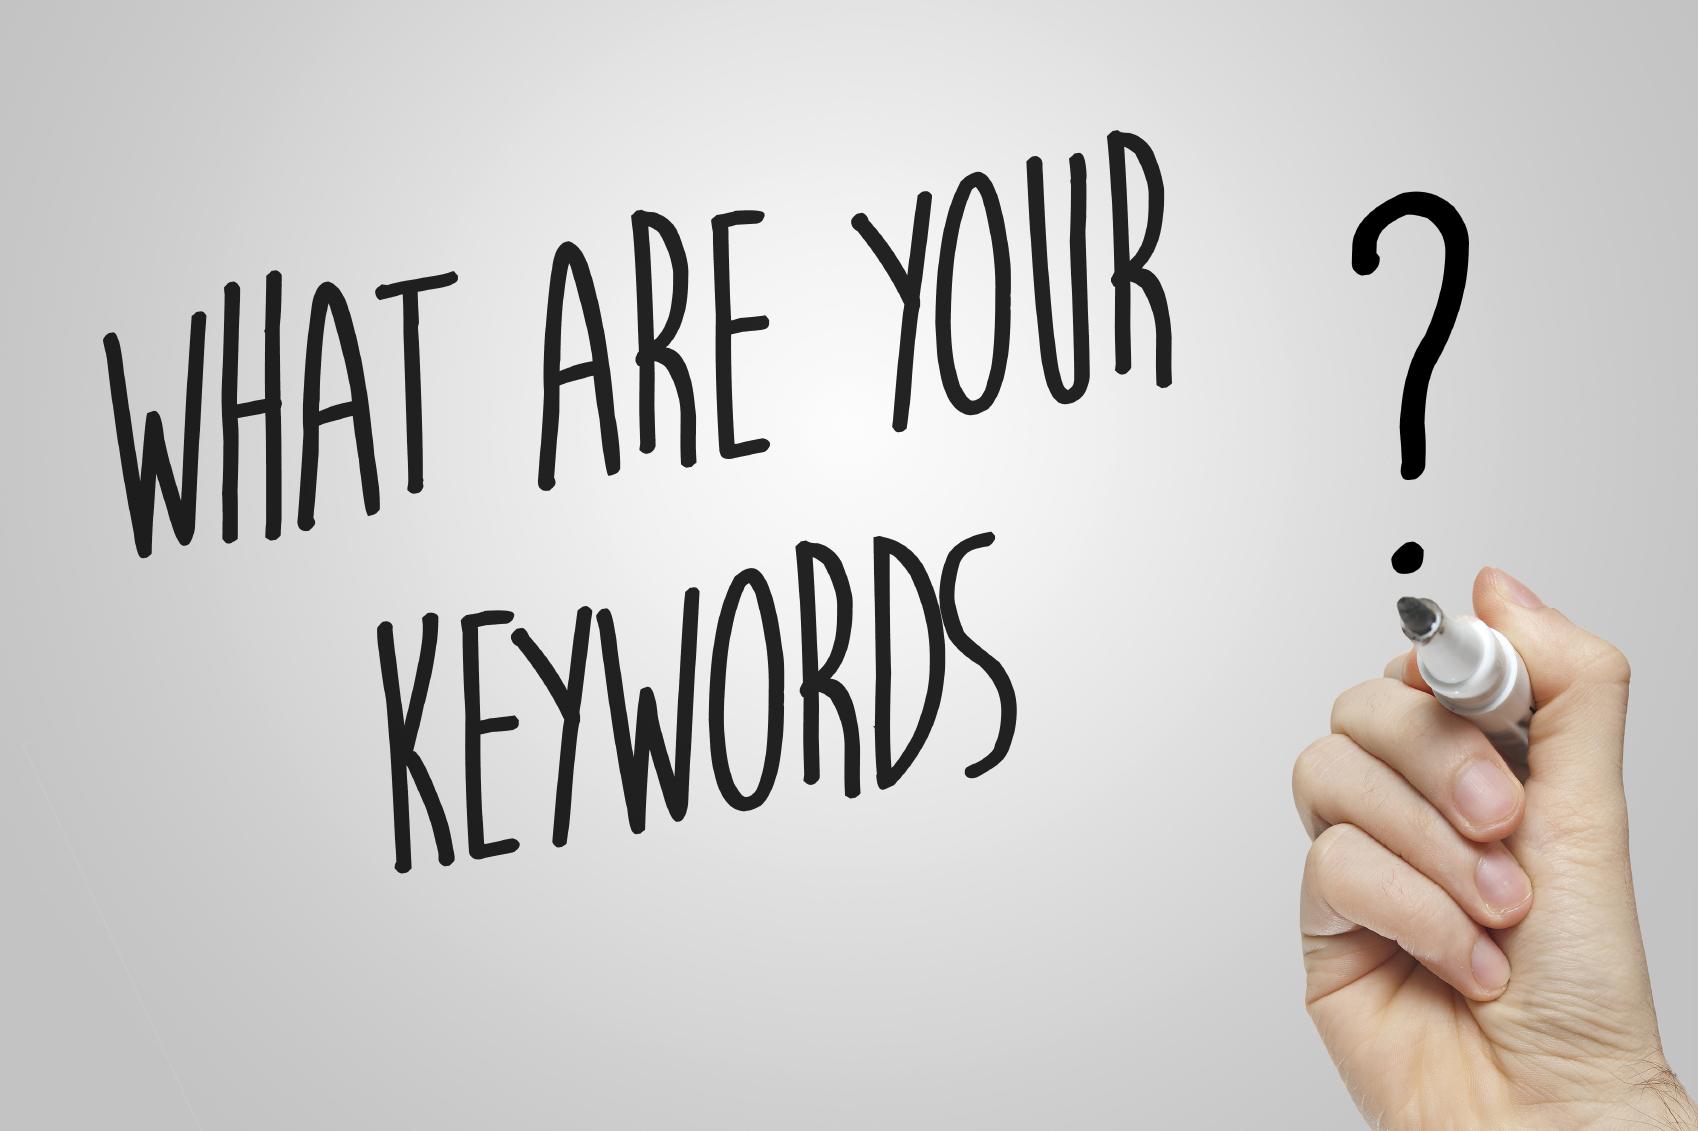 Como Conseguir Visitas Para o Meu Site com keywords